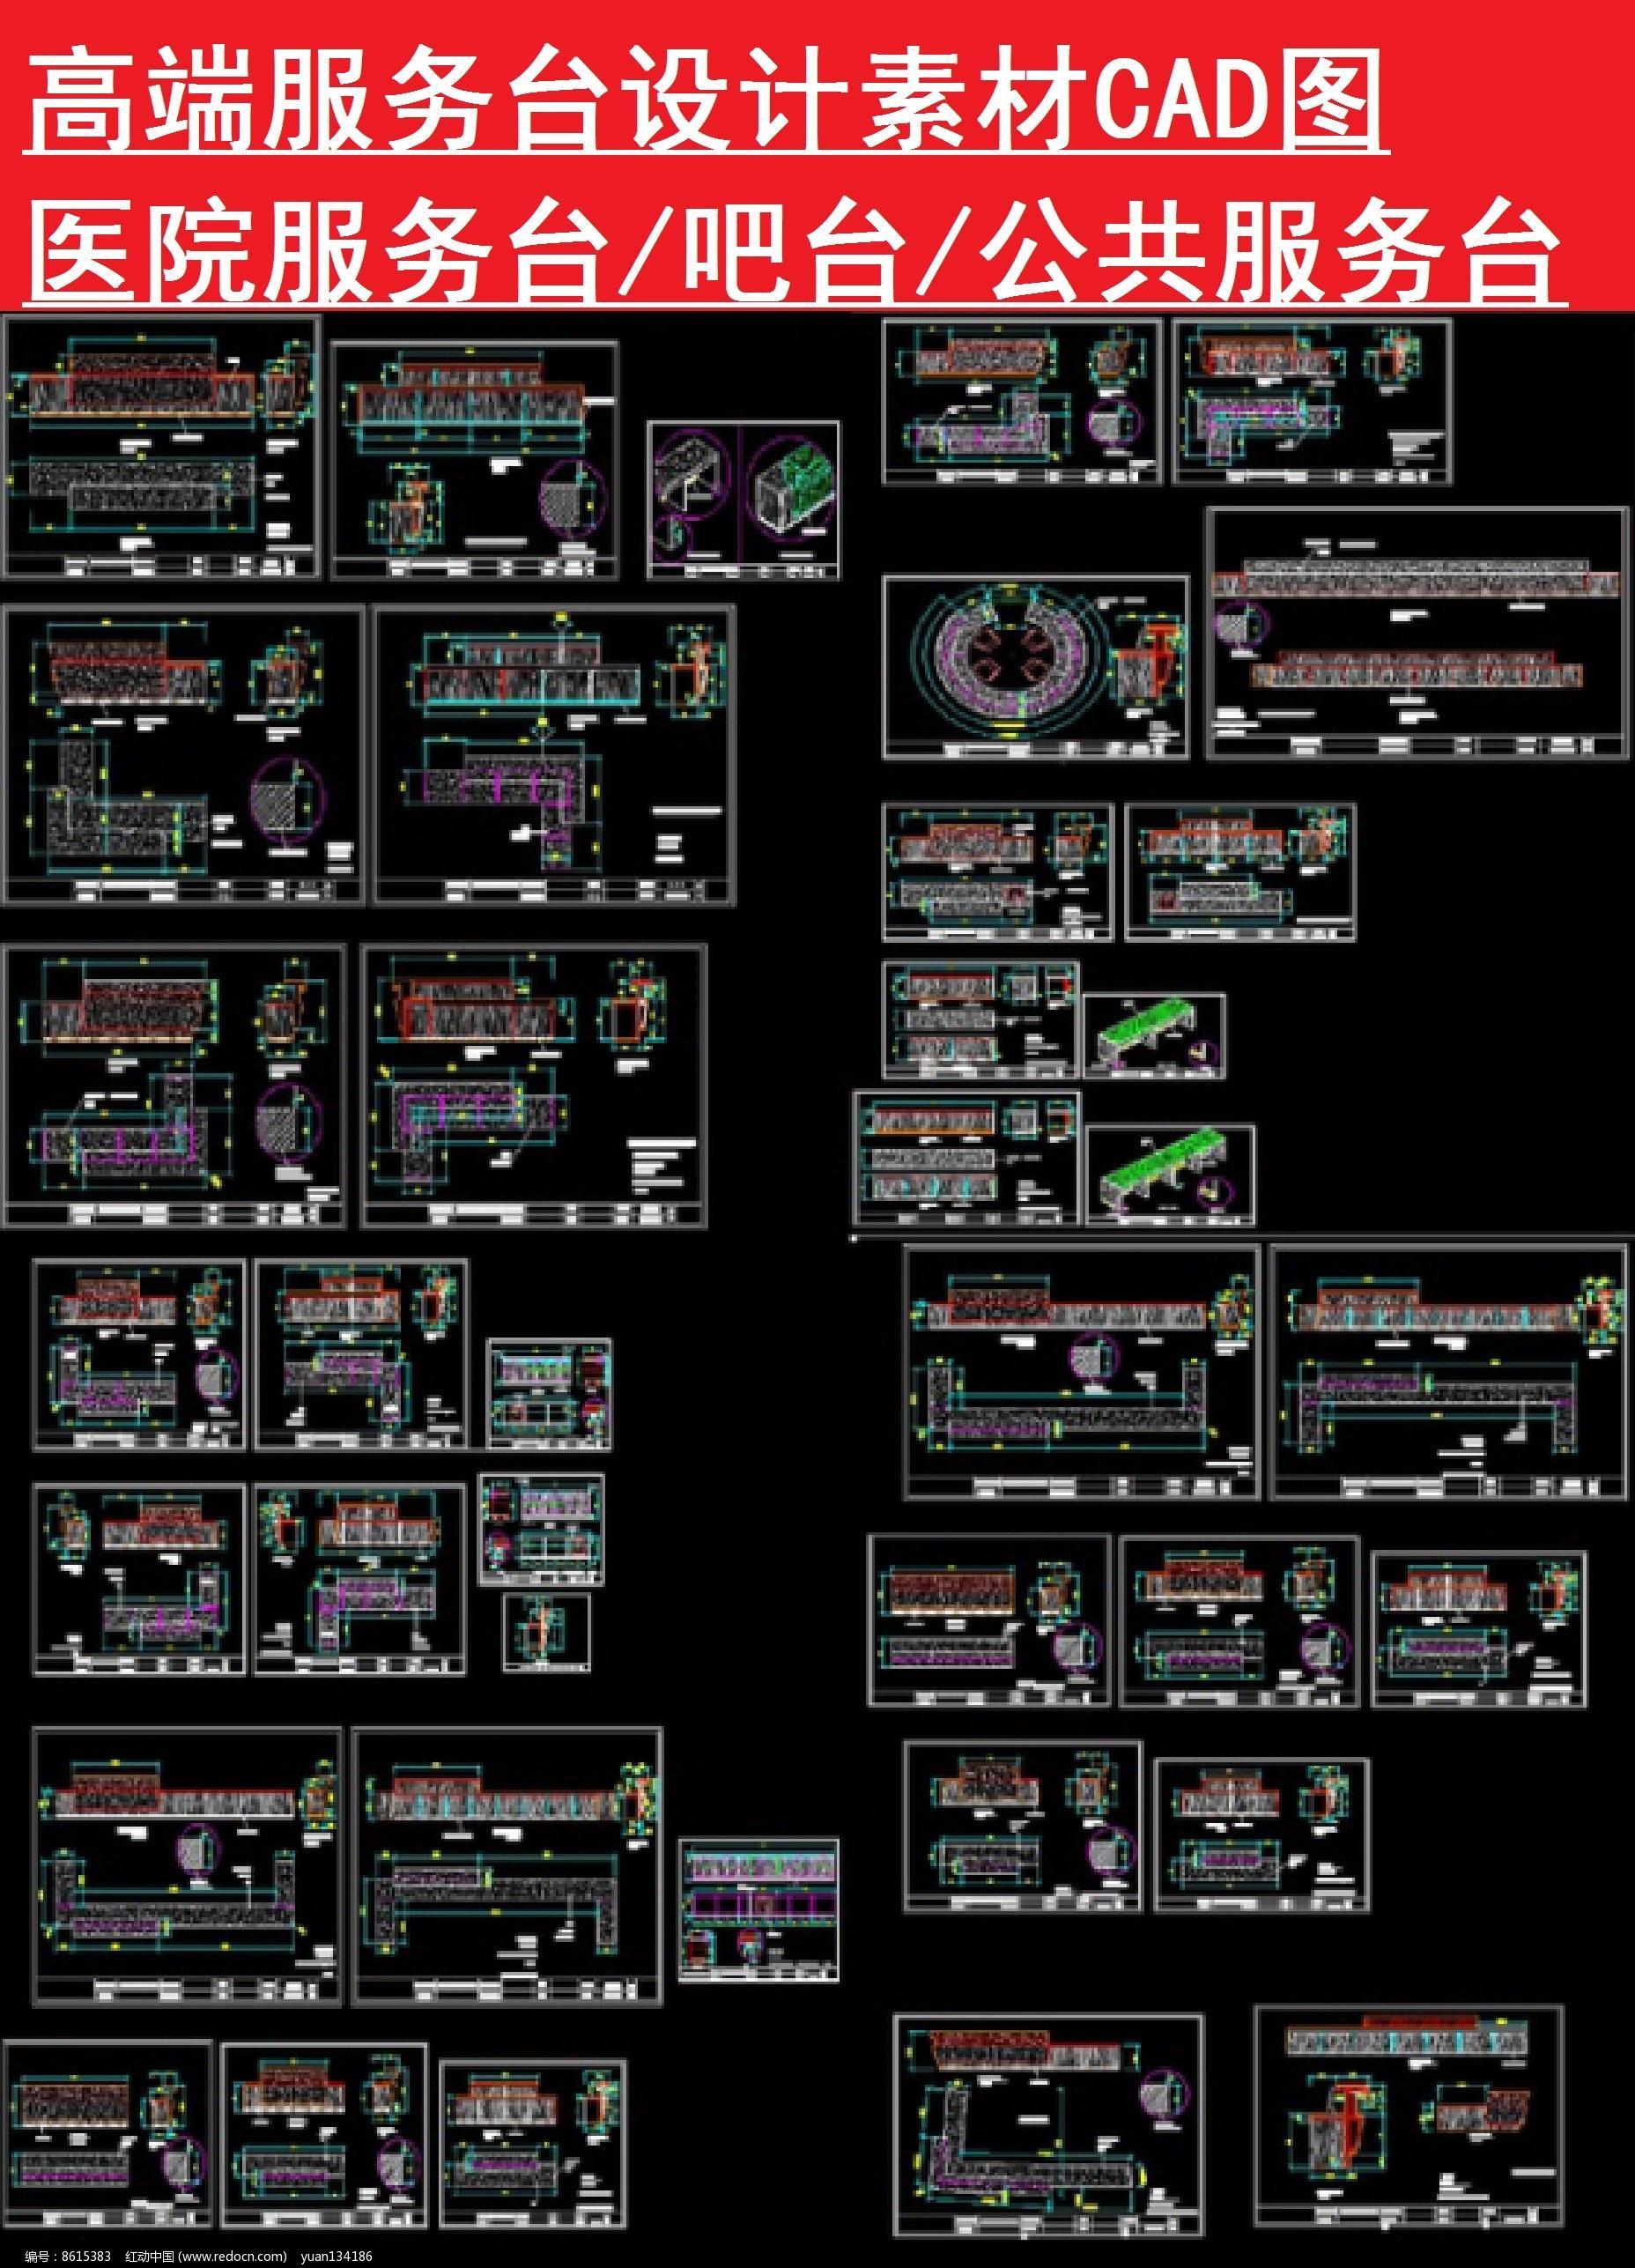 服务台设计素材CAD素材下载_室内装修设计图cad共用能字体吗和天正图片